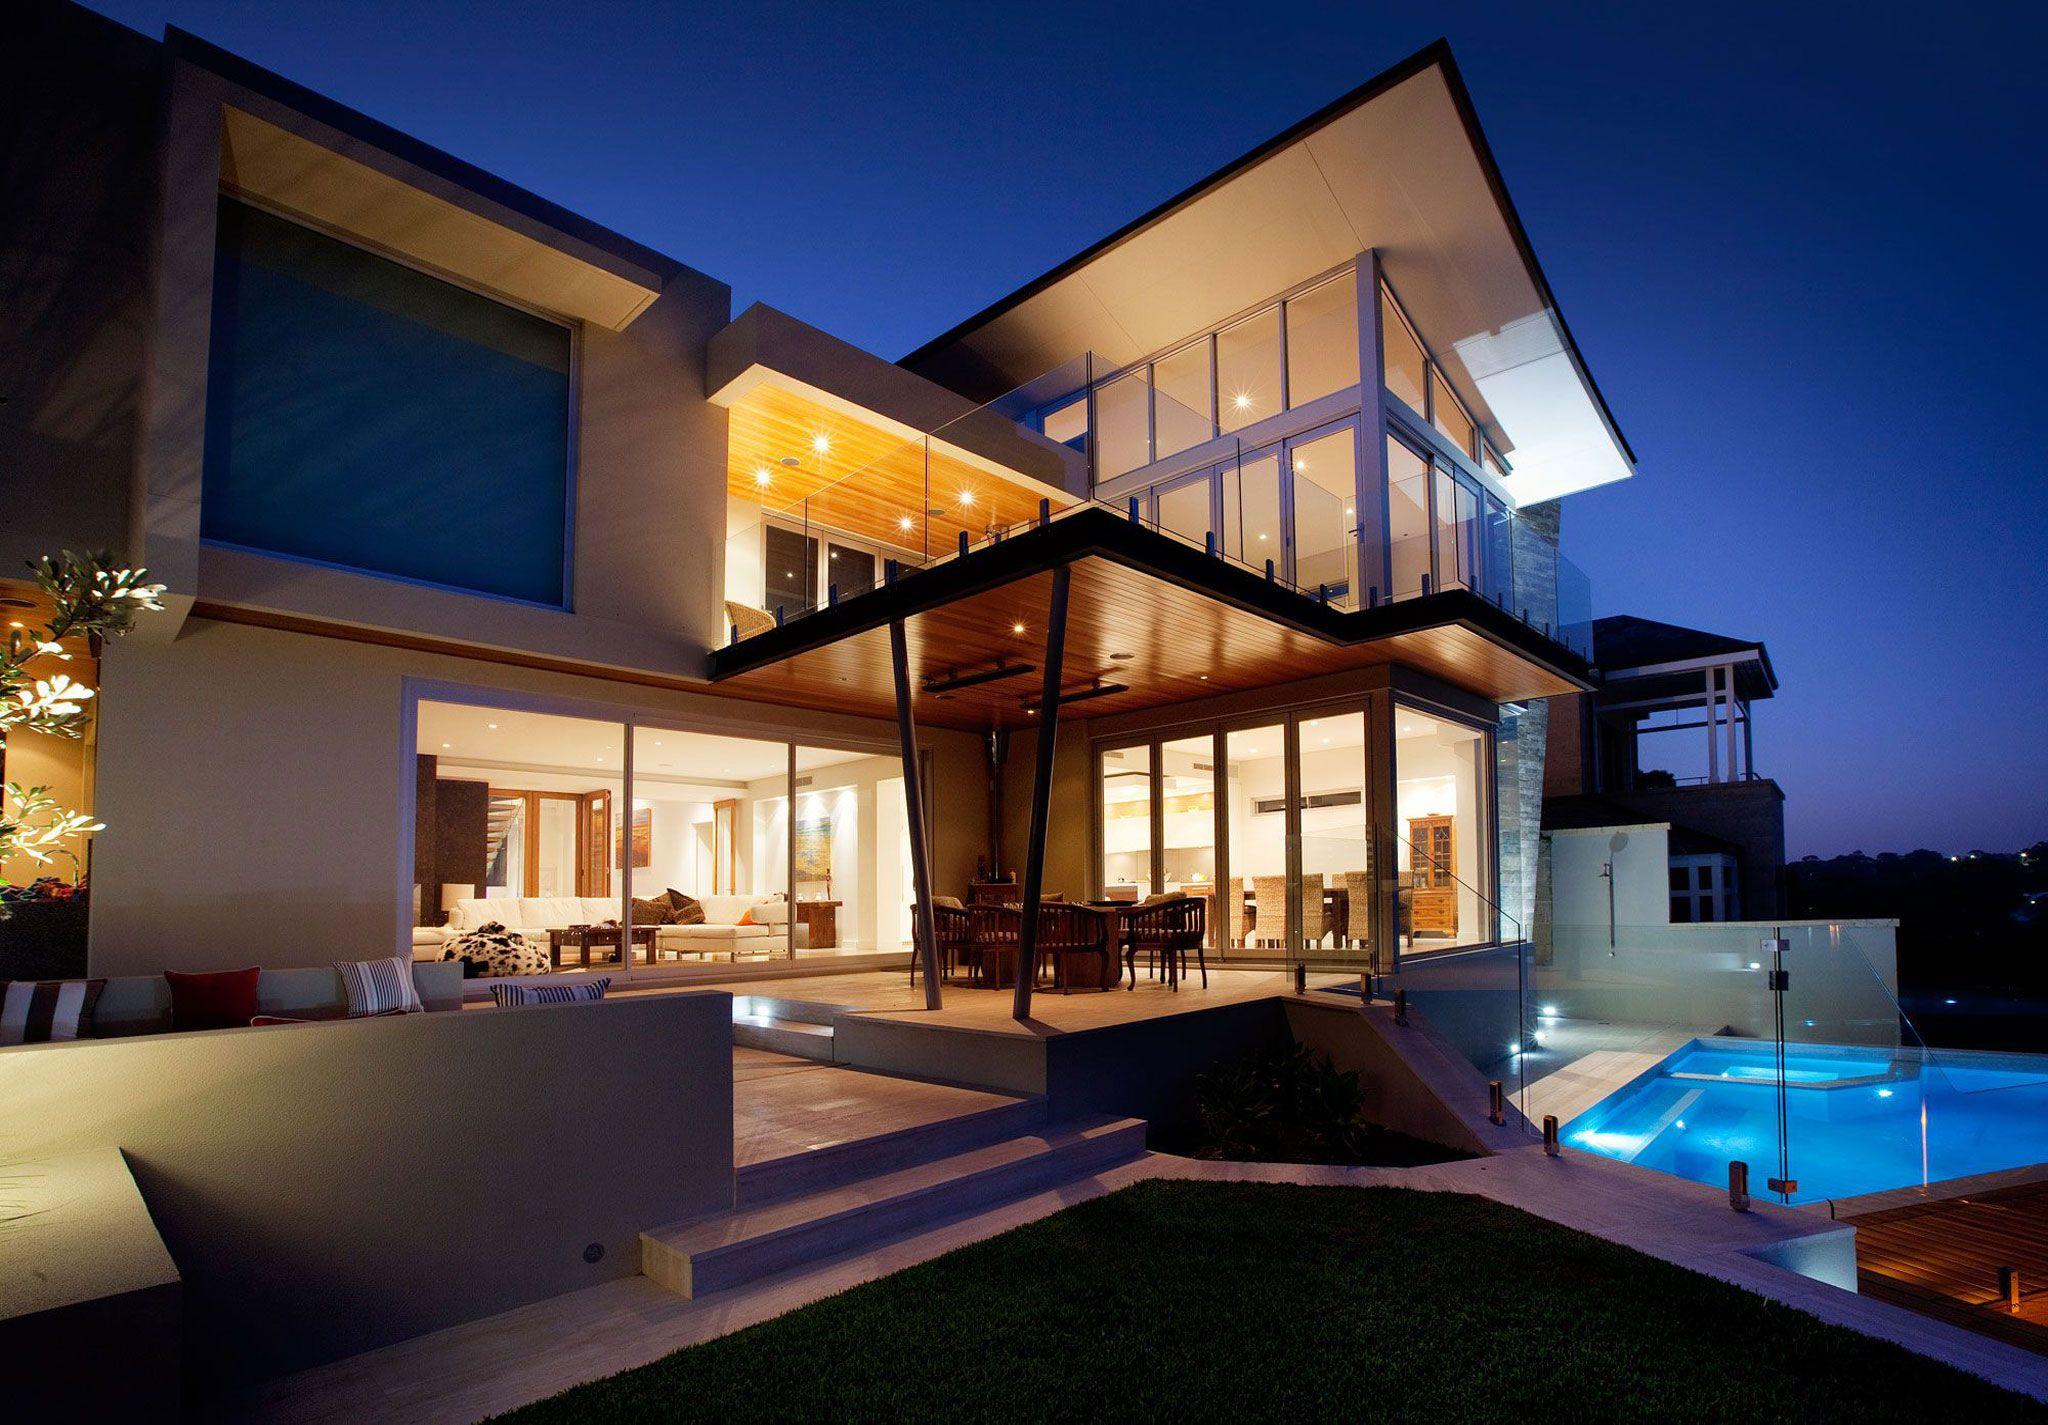 дизайн двора частного дома фото современных дворов: 15 тыс ...